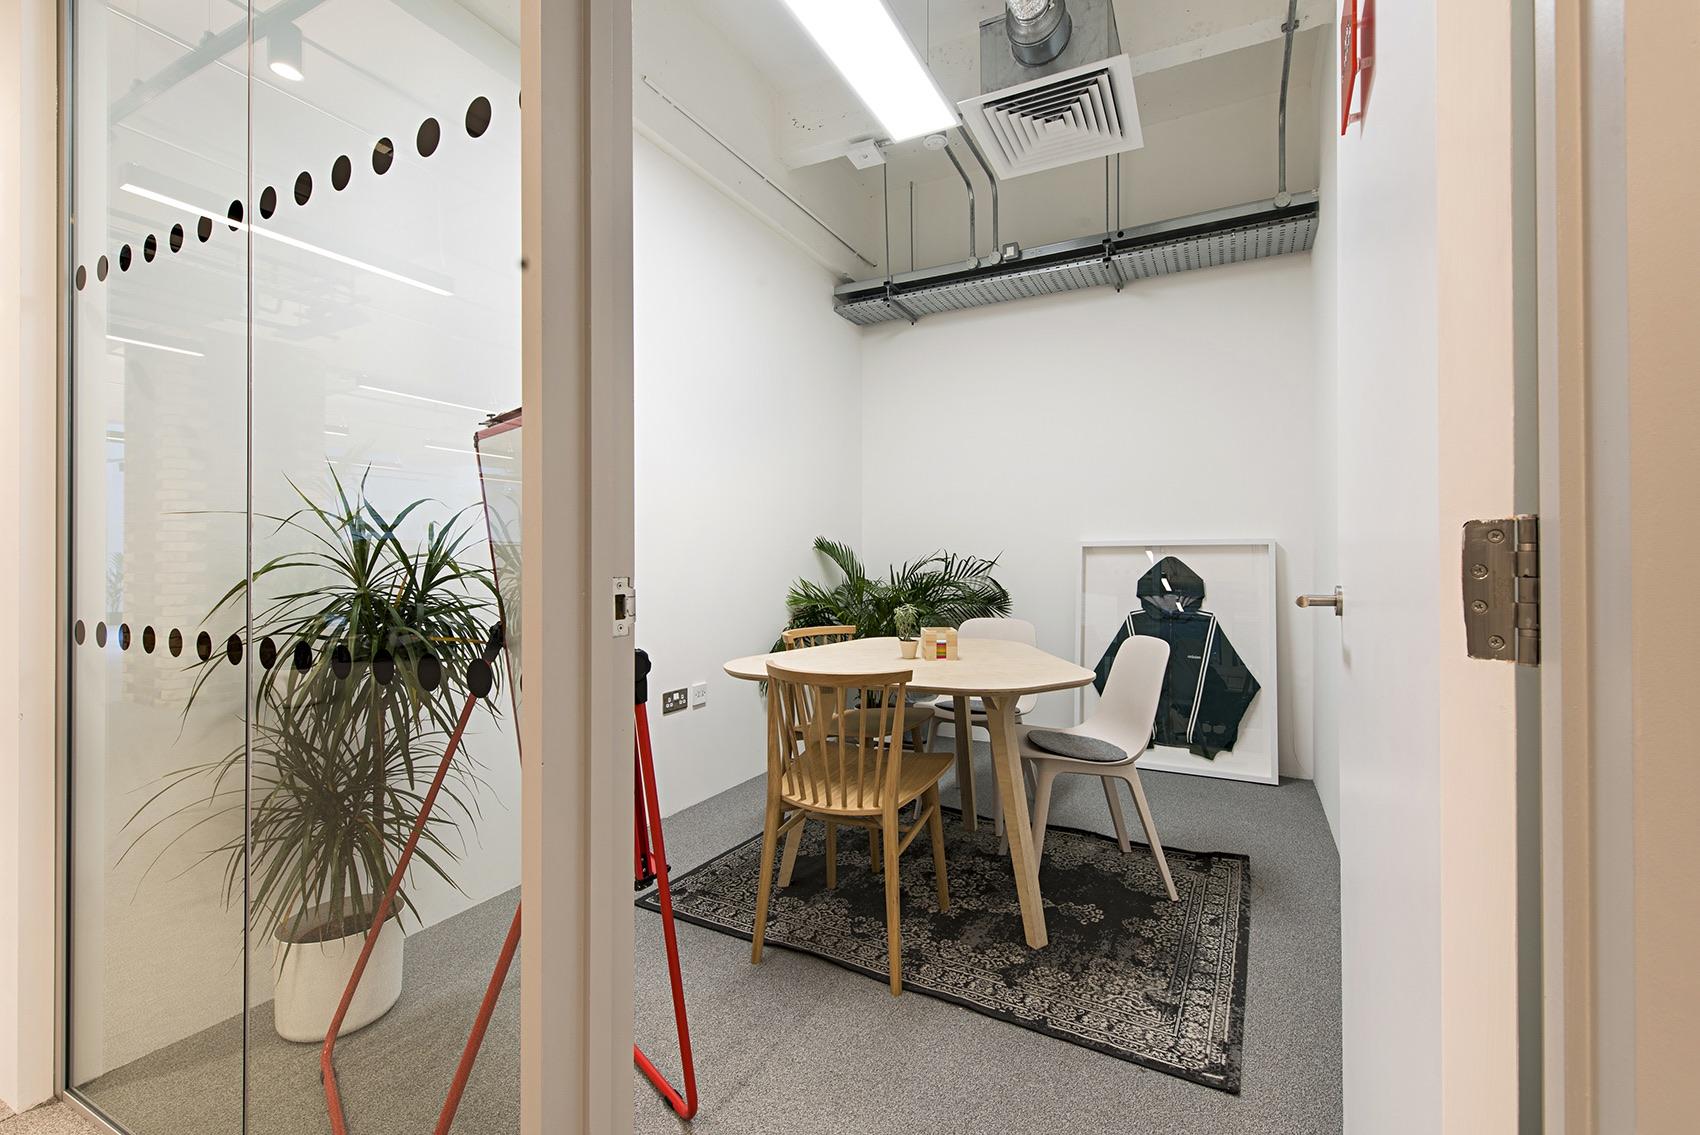 depop-london-office-3